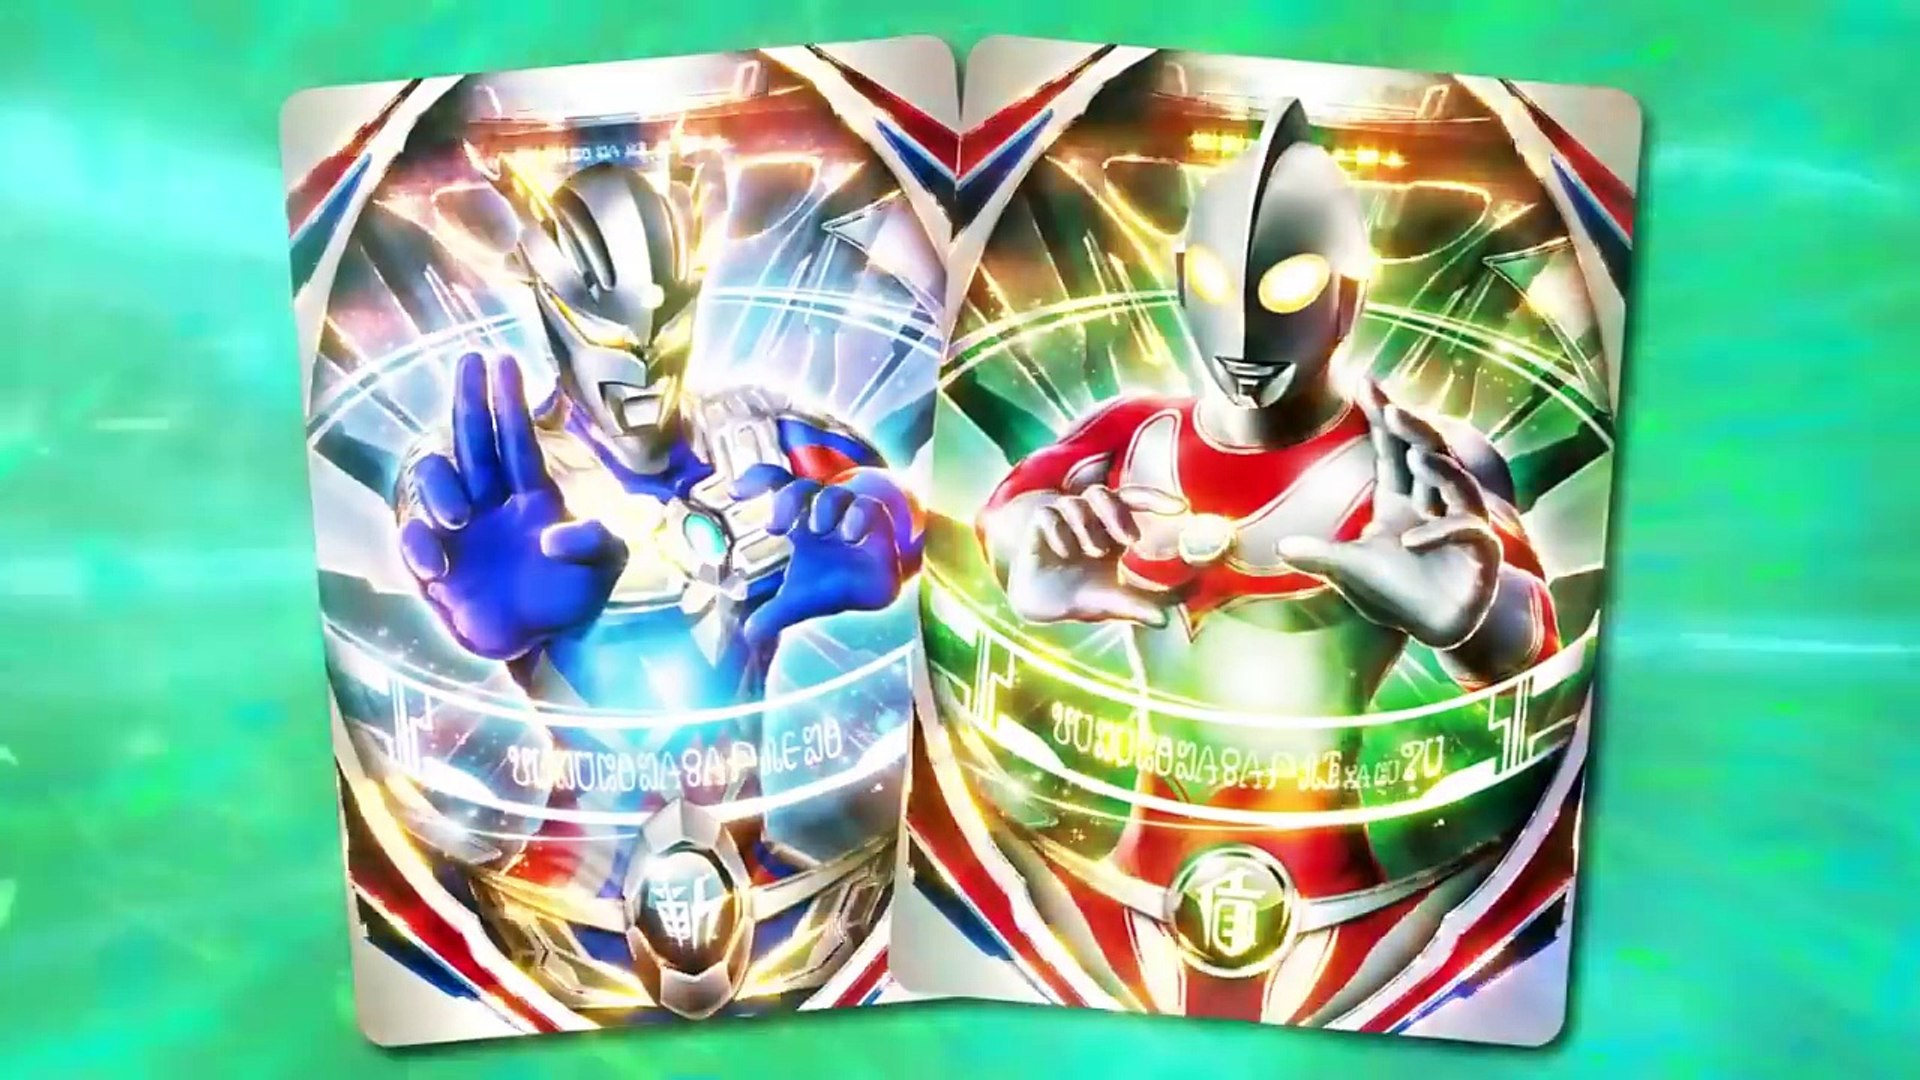 Ultraman X Ultraman Orb & Ultraman Geed Promotional Video Parison